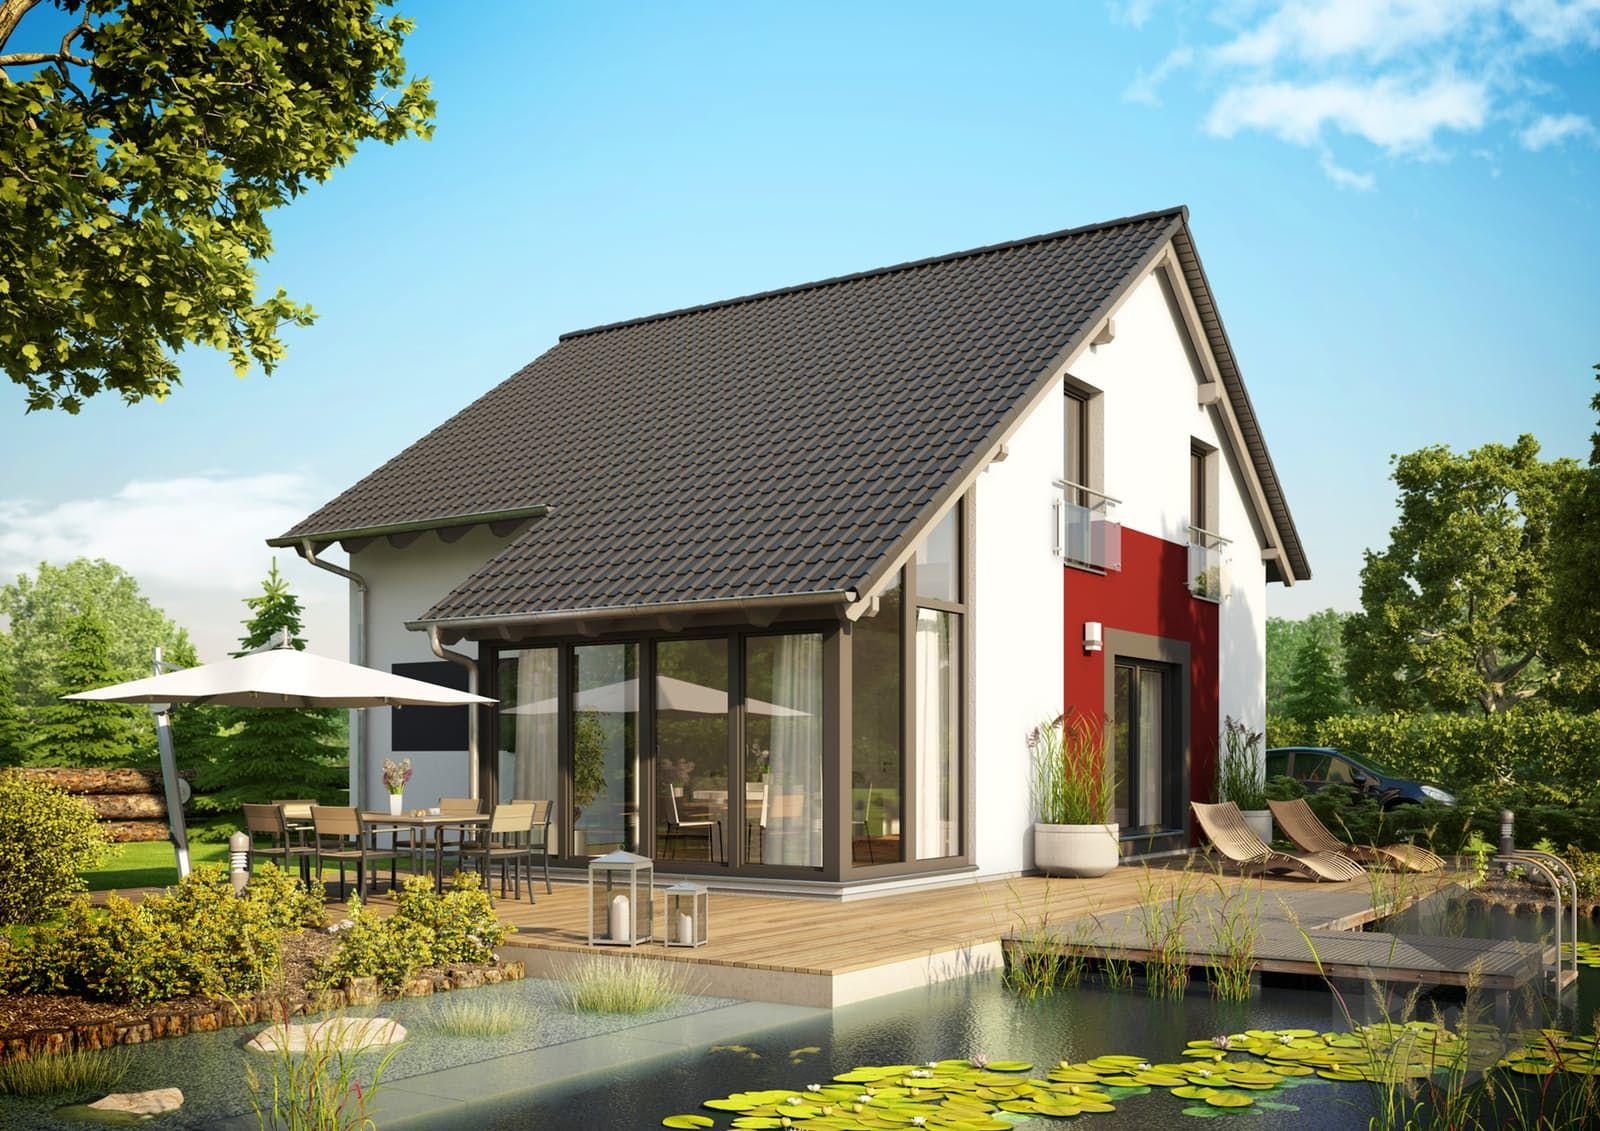 Das Haus Top von Büdenbender Hausbau hat 7 Zimmer und eine